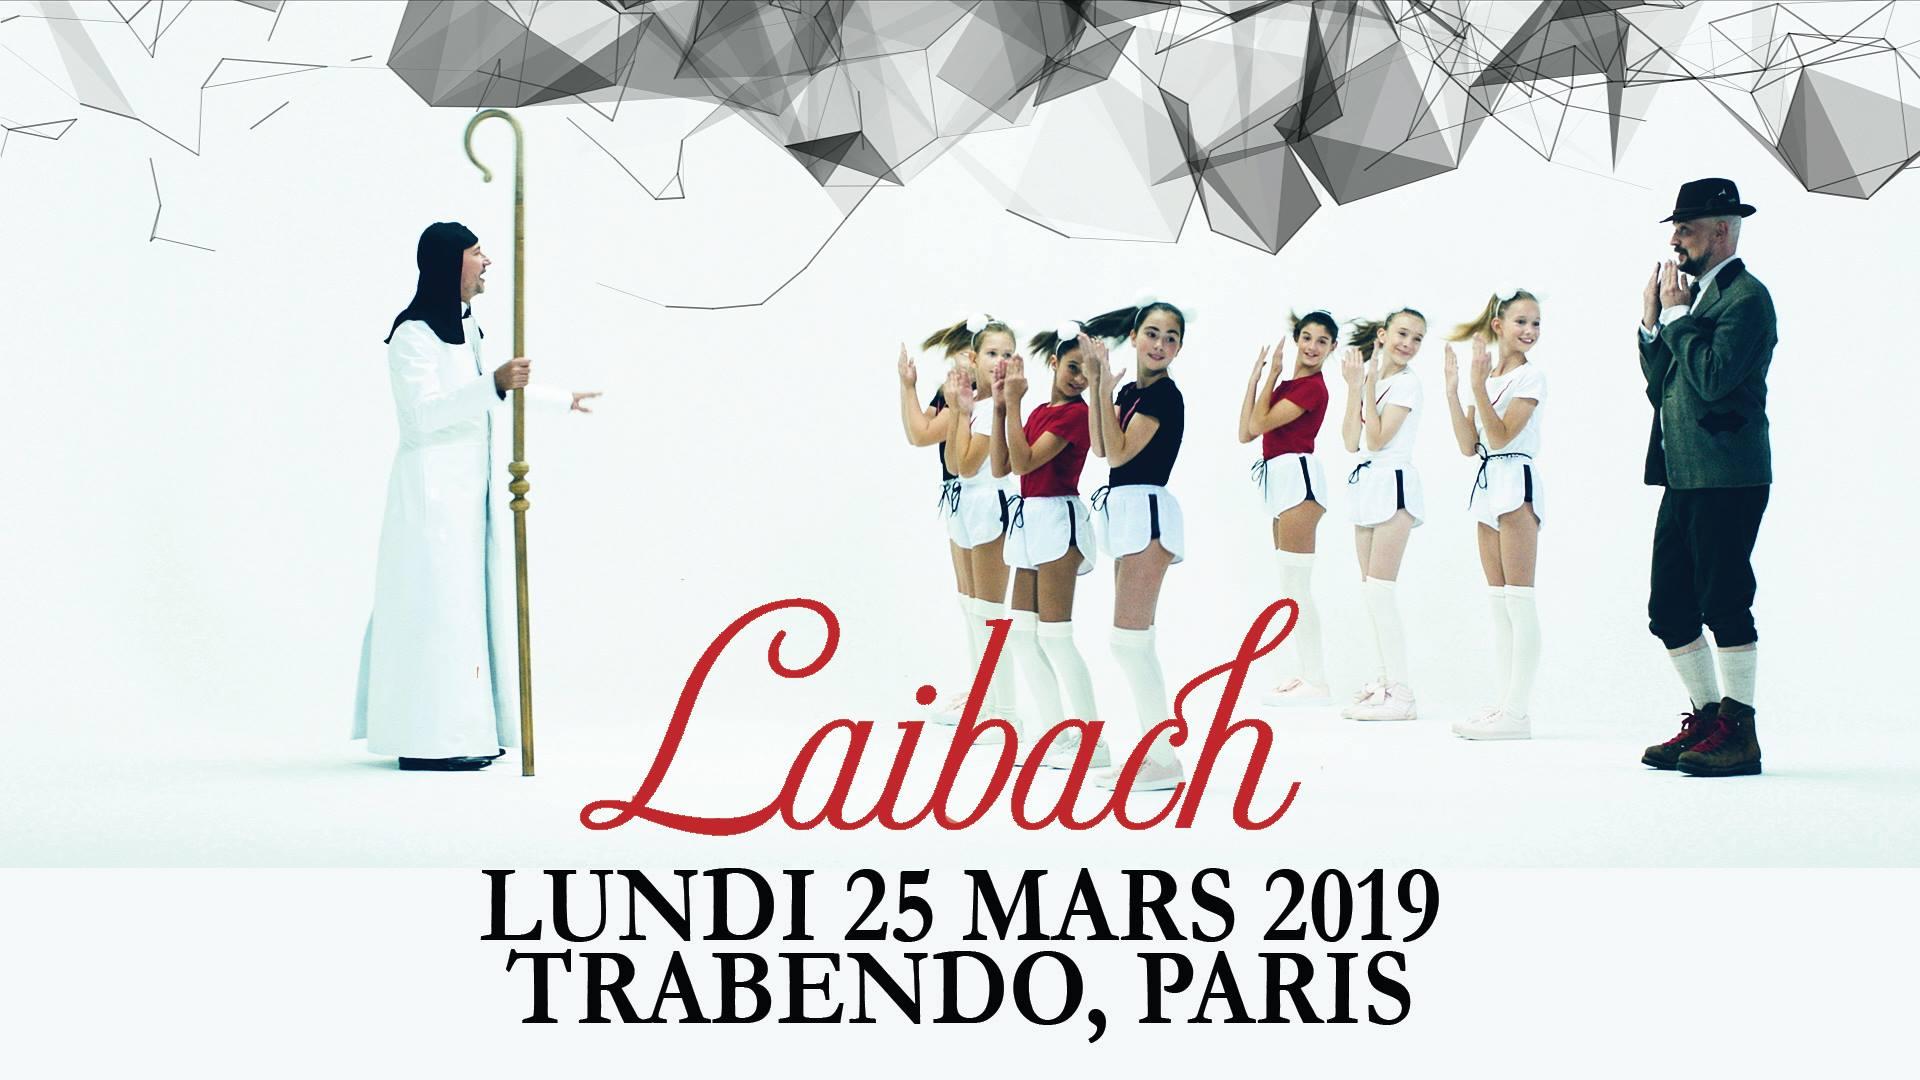 Laibach @ Trabendo (Paris), le 25 Mars 2019